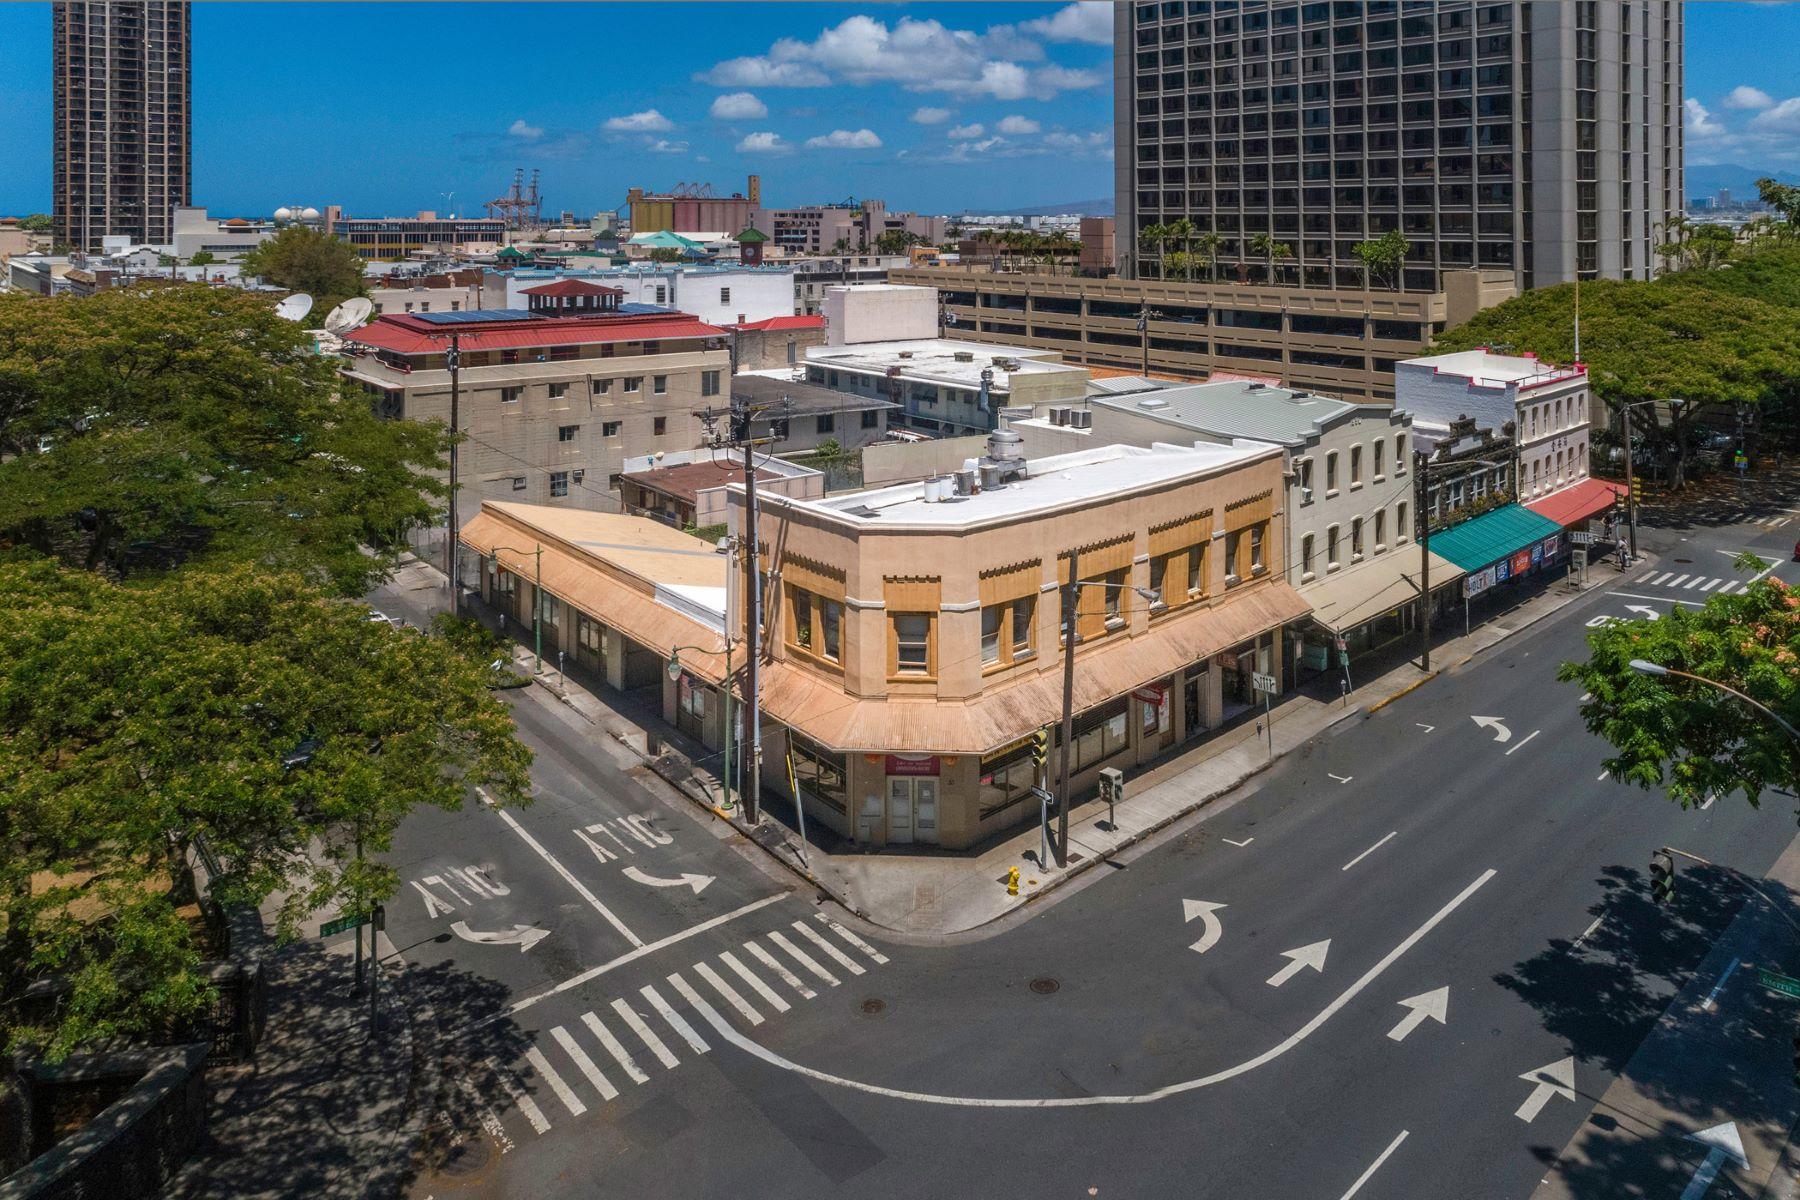 二世帯住宅 のために 売買 アット Live Chinatown 53 N Beretania St Honolulu, ハワイ 96817 アメリカ合衆国